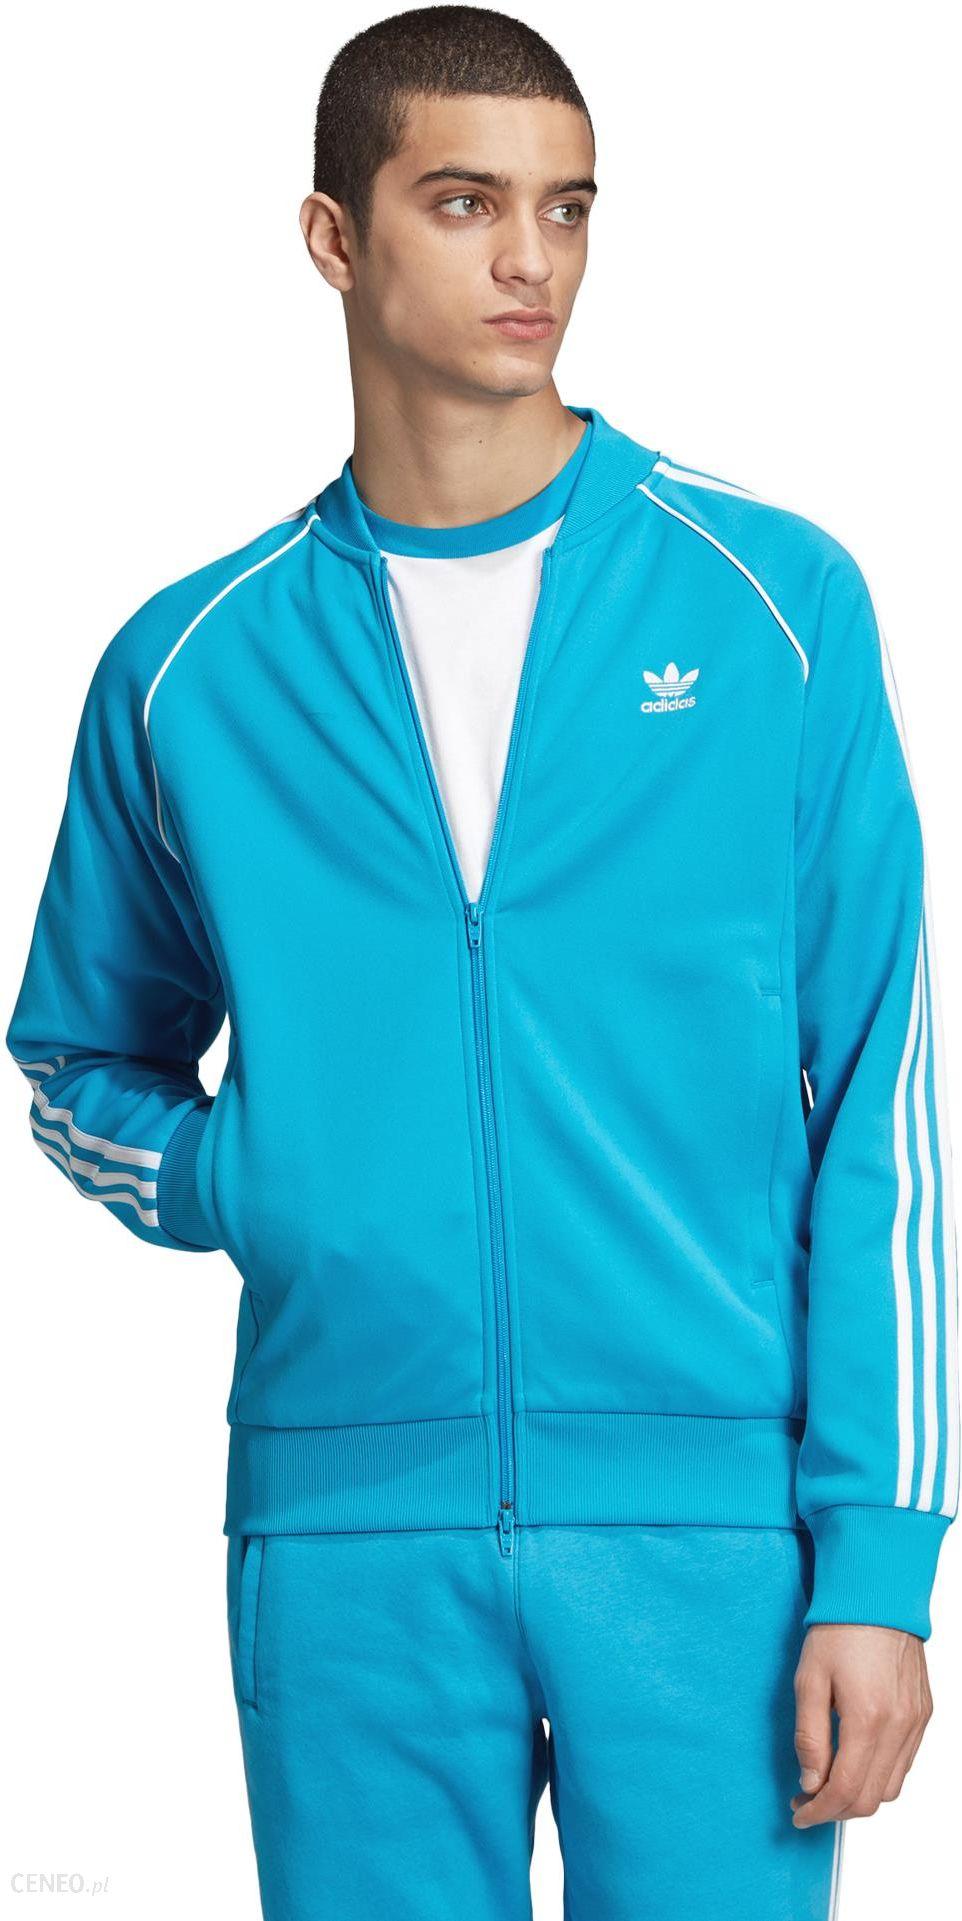 adidas Originals SST Bluza Niebieski M